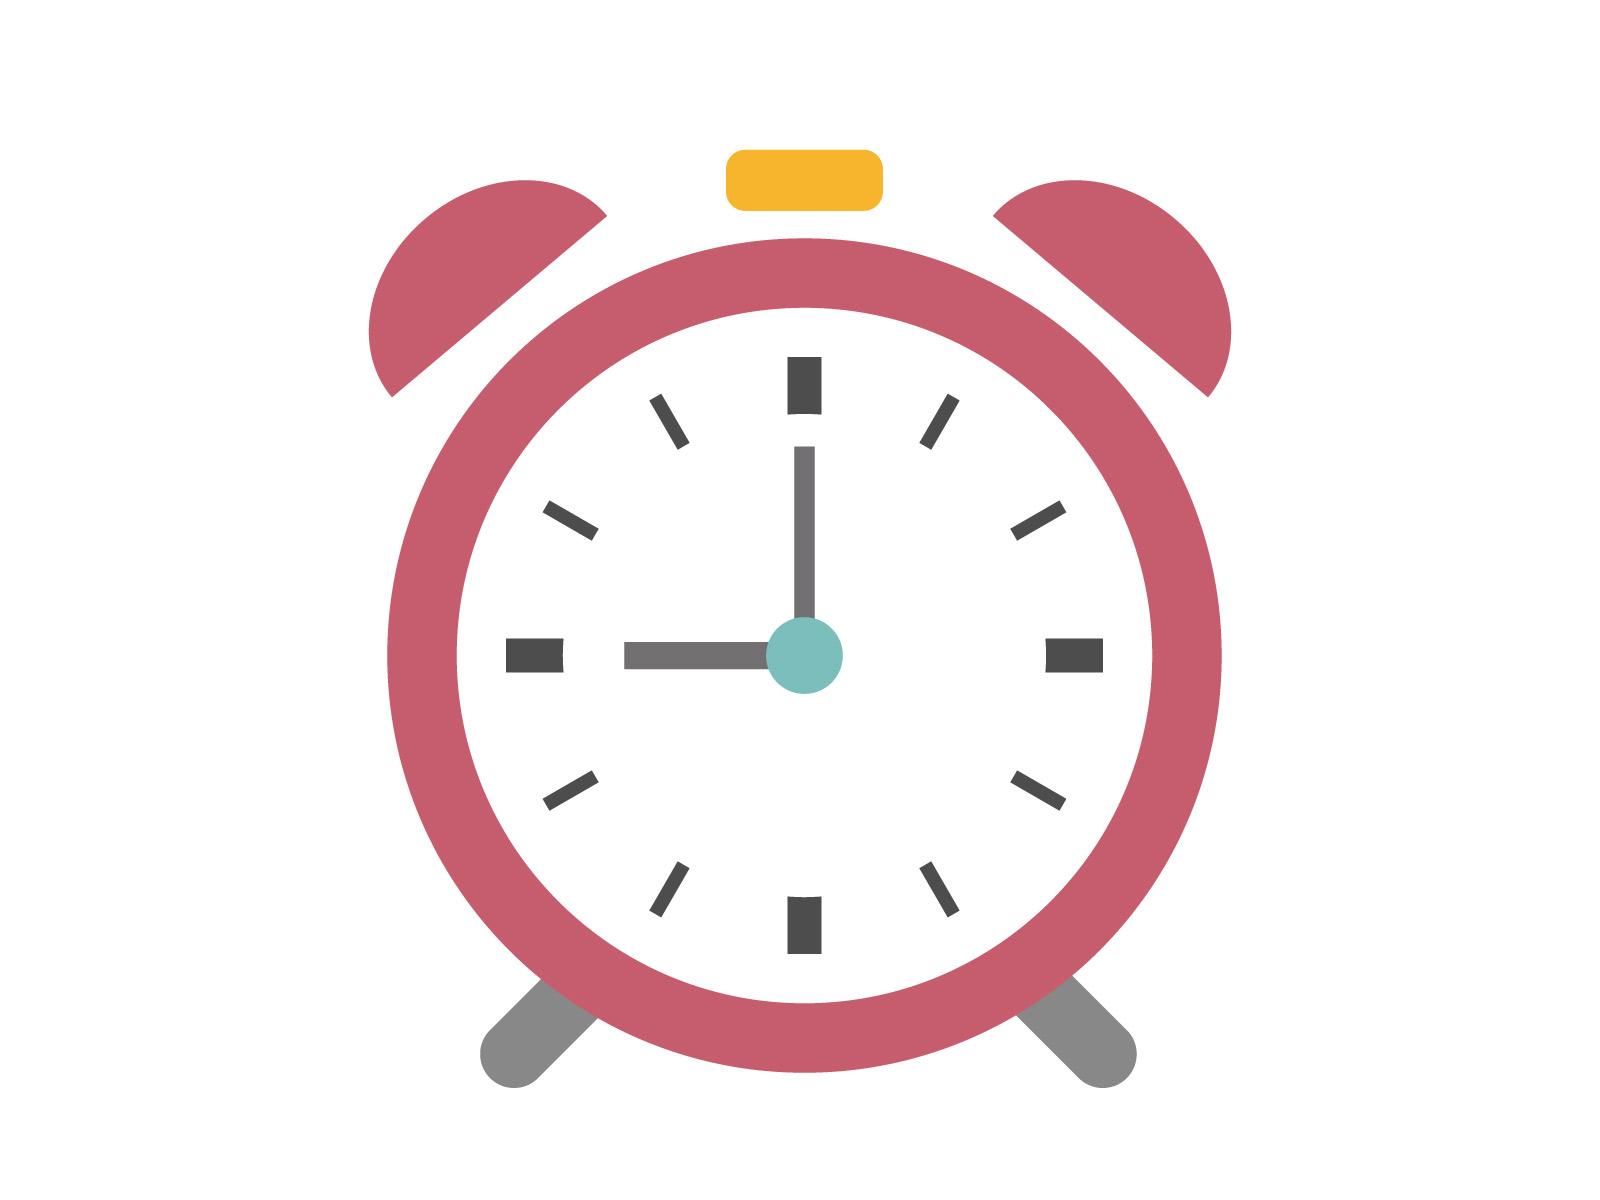 ブログを書く時間が無い人が時間を捻り出すための3つの解決策